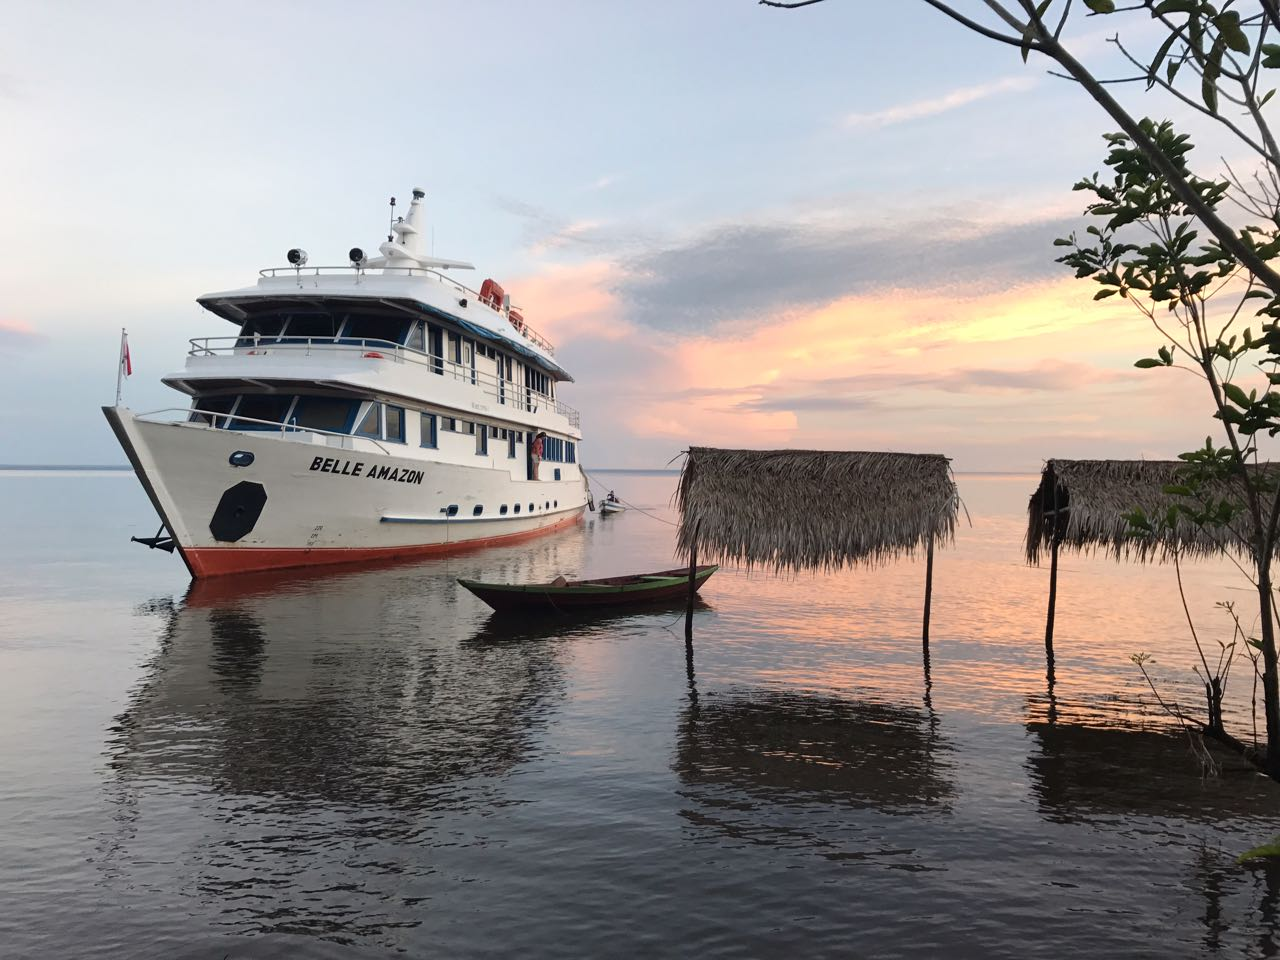 barco navegação alter do chão